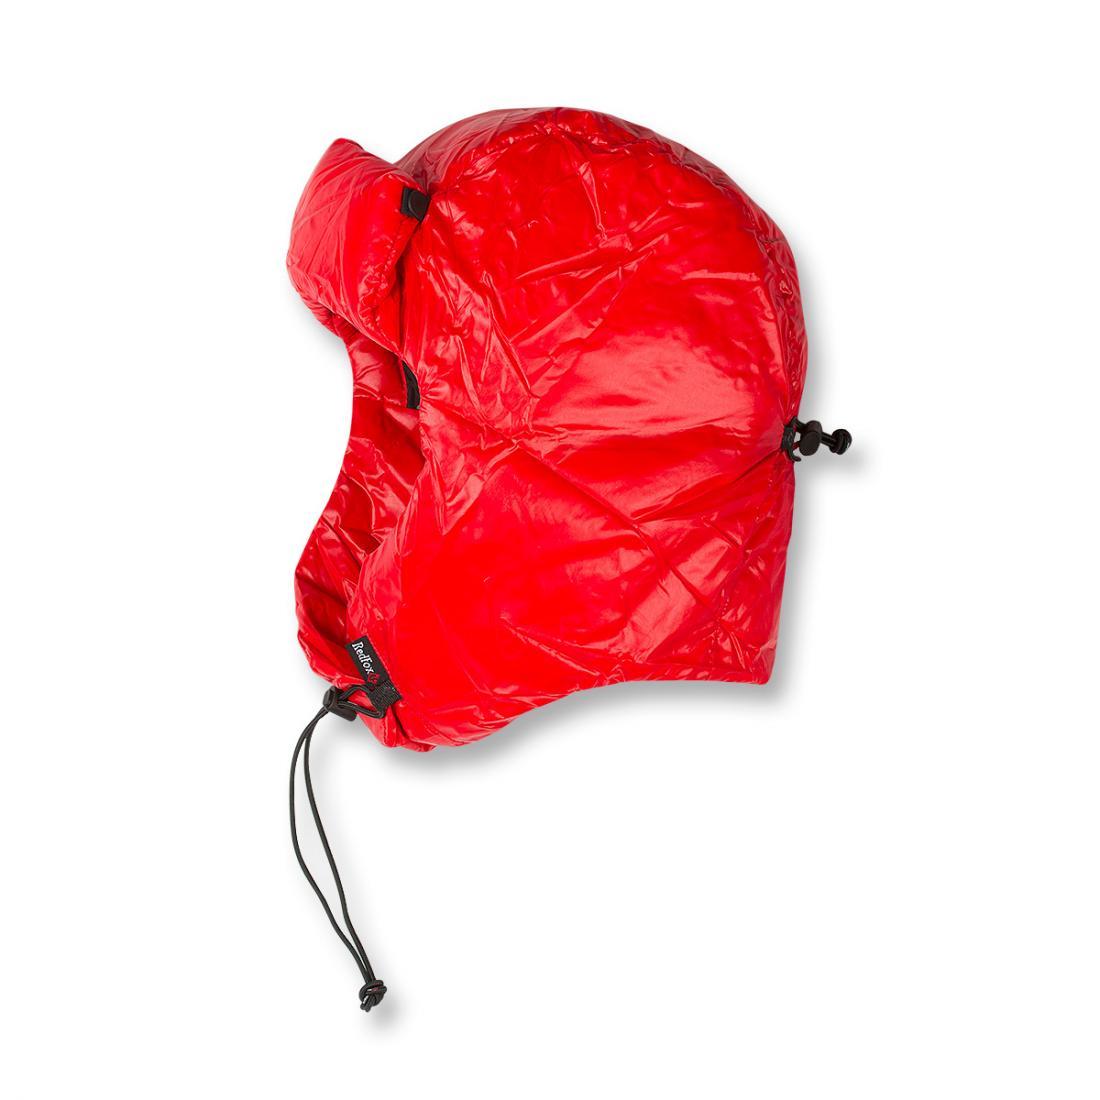 Шапка пуховая ExtractУшанки<br><br> Комфортная пуховая шапка-ушанка для использования в суровых погодных условиях.<br><br><br> <br><br><br>Основное назначение: Любые виды акт...<br><br>Цвет: Красный<br>Размер: 58